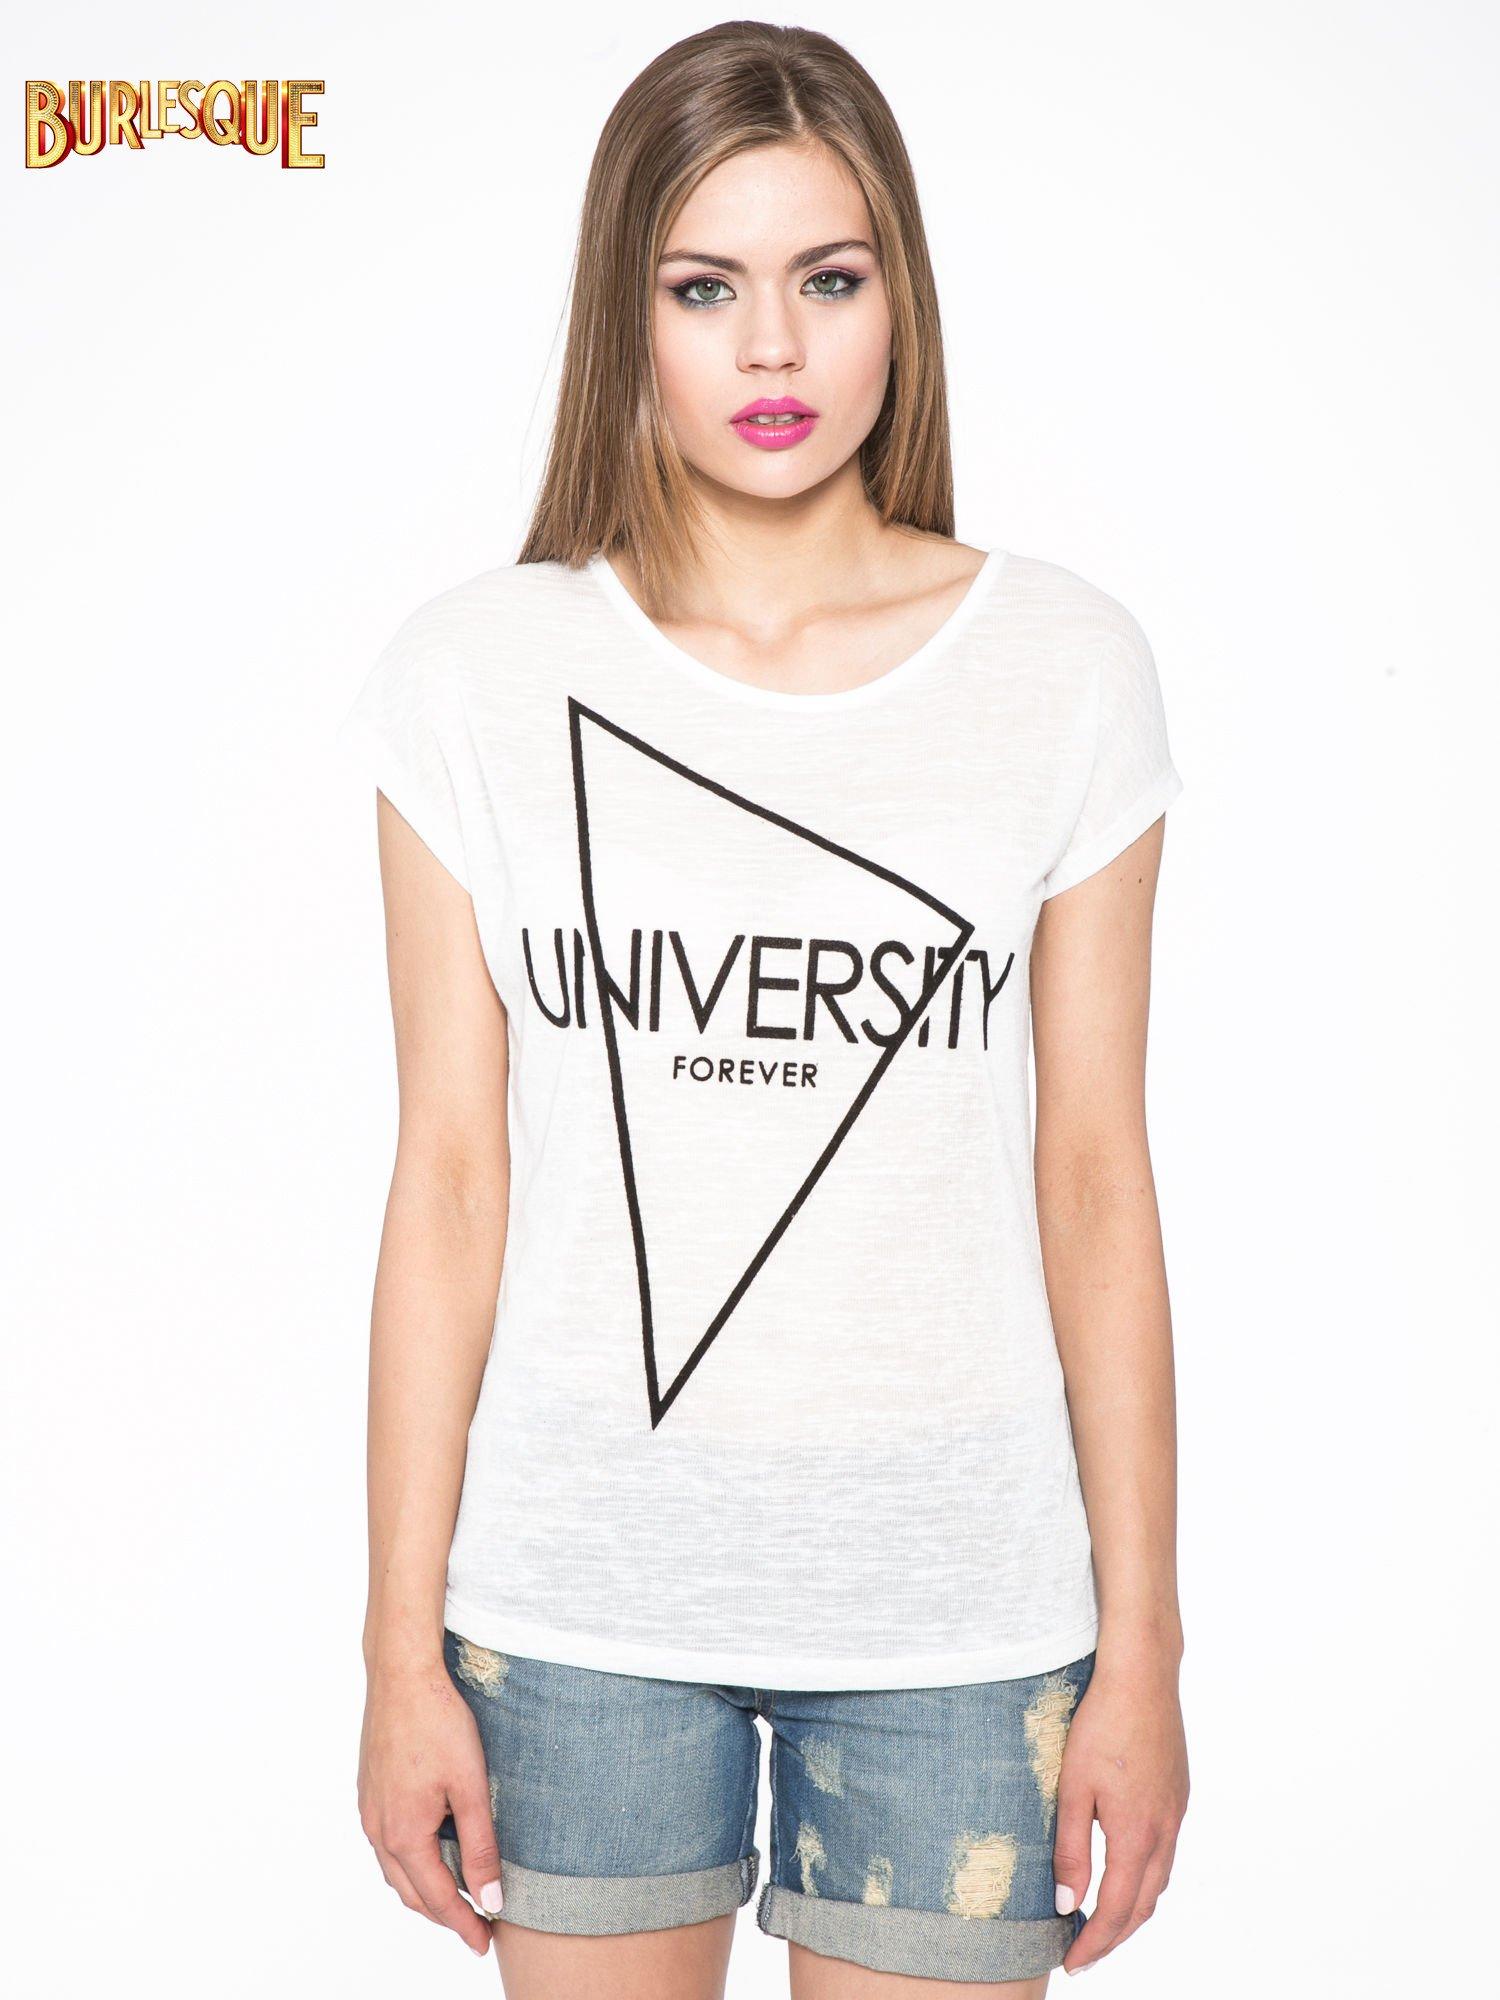 Biały t-shirt z nadrukiem UNIVERSITY FORVER                                  zdj.                                  9